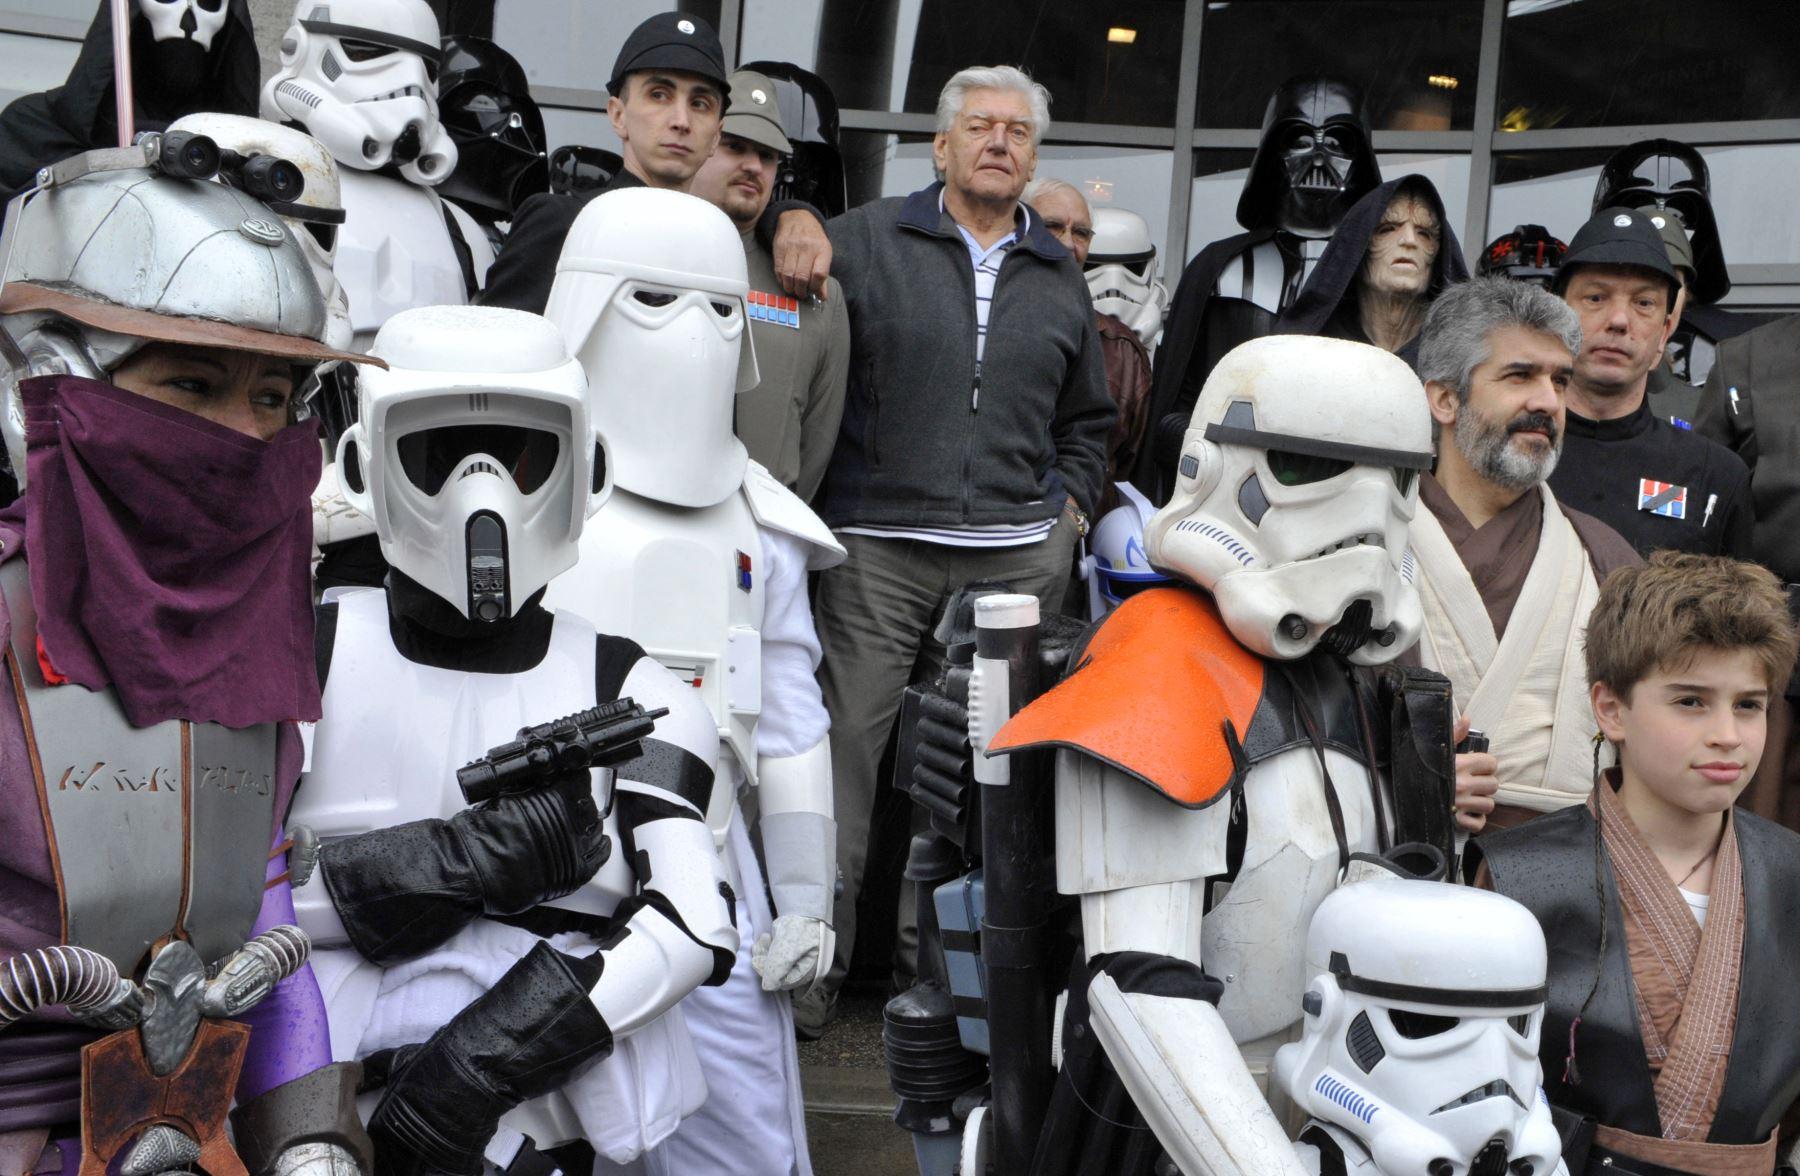 El actor inglés David Prowse quien interpretó al personaje de Darth Vader en la primera trilogía de Star Wars, posa junto a fanáticos con trajes de la saga durante una convención, el 27 de abril de 2013, en Cusset. Foto: AFP